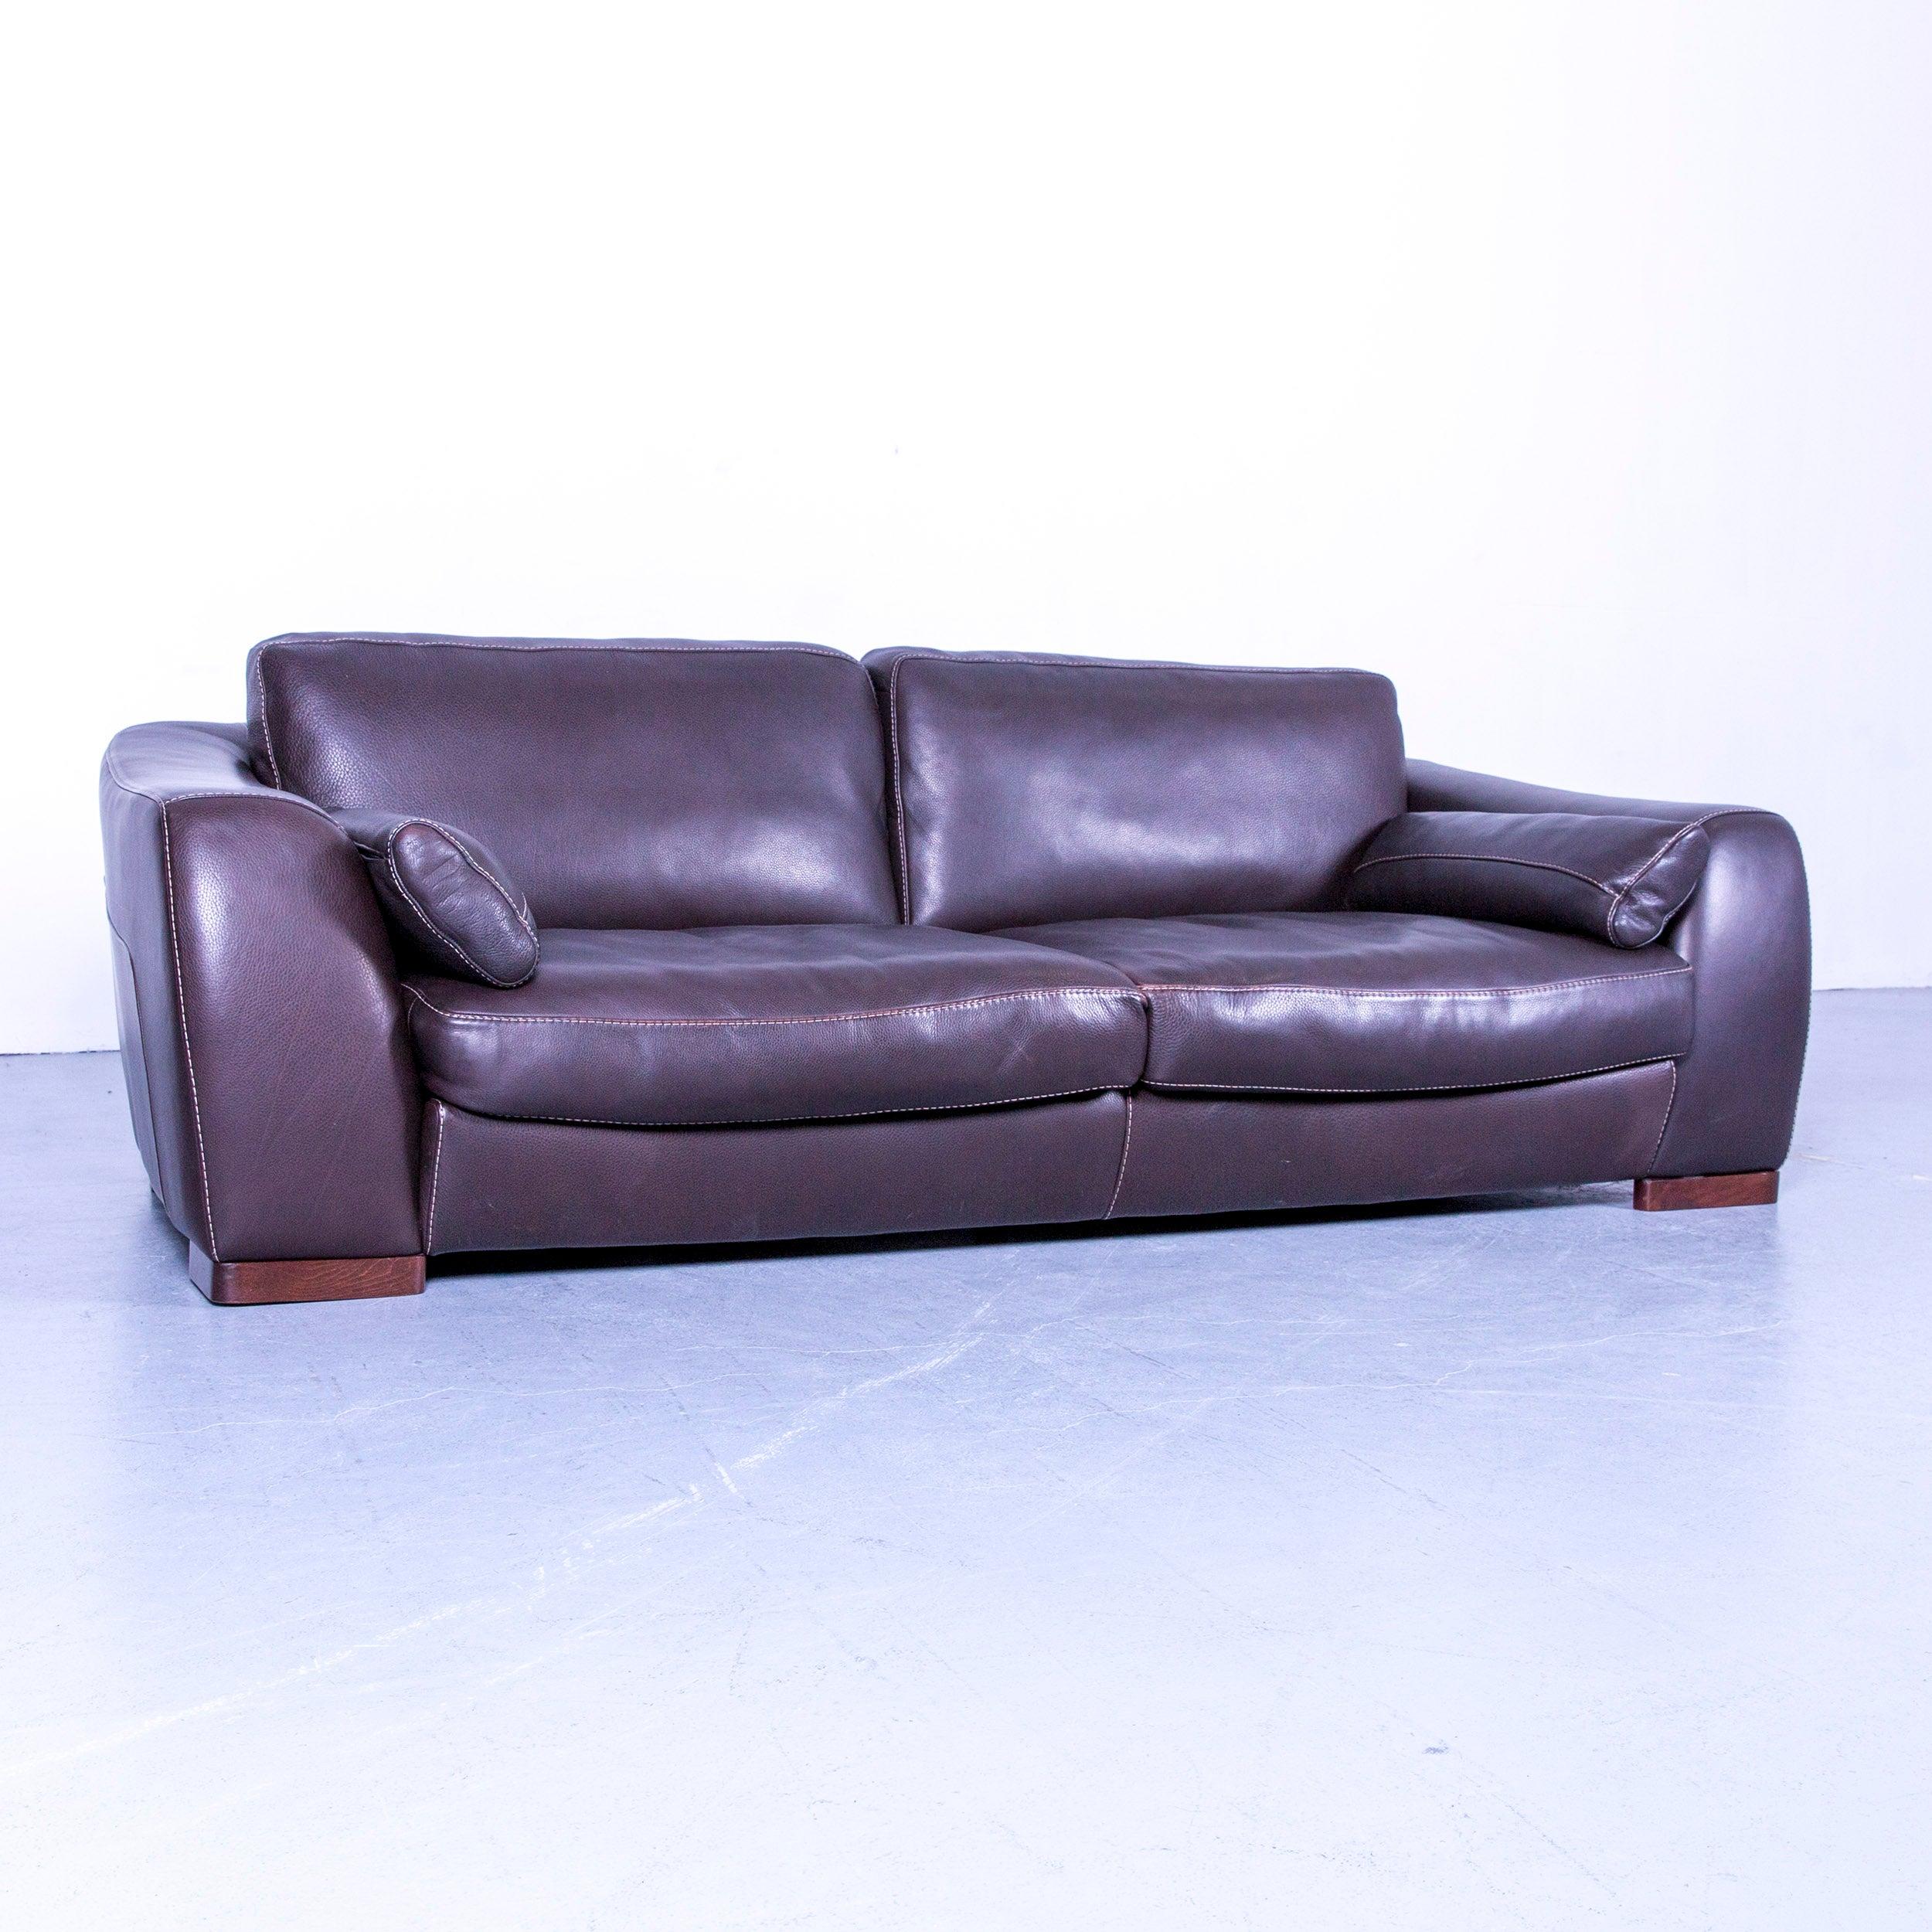 Bezaubernd Couch Braun Leder Das Beste Von Incanto Designer Sofa Brown Three Seater With